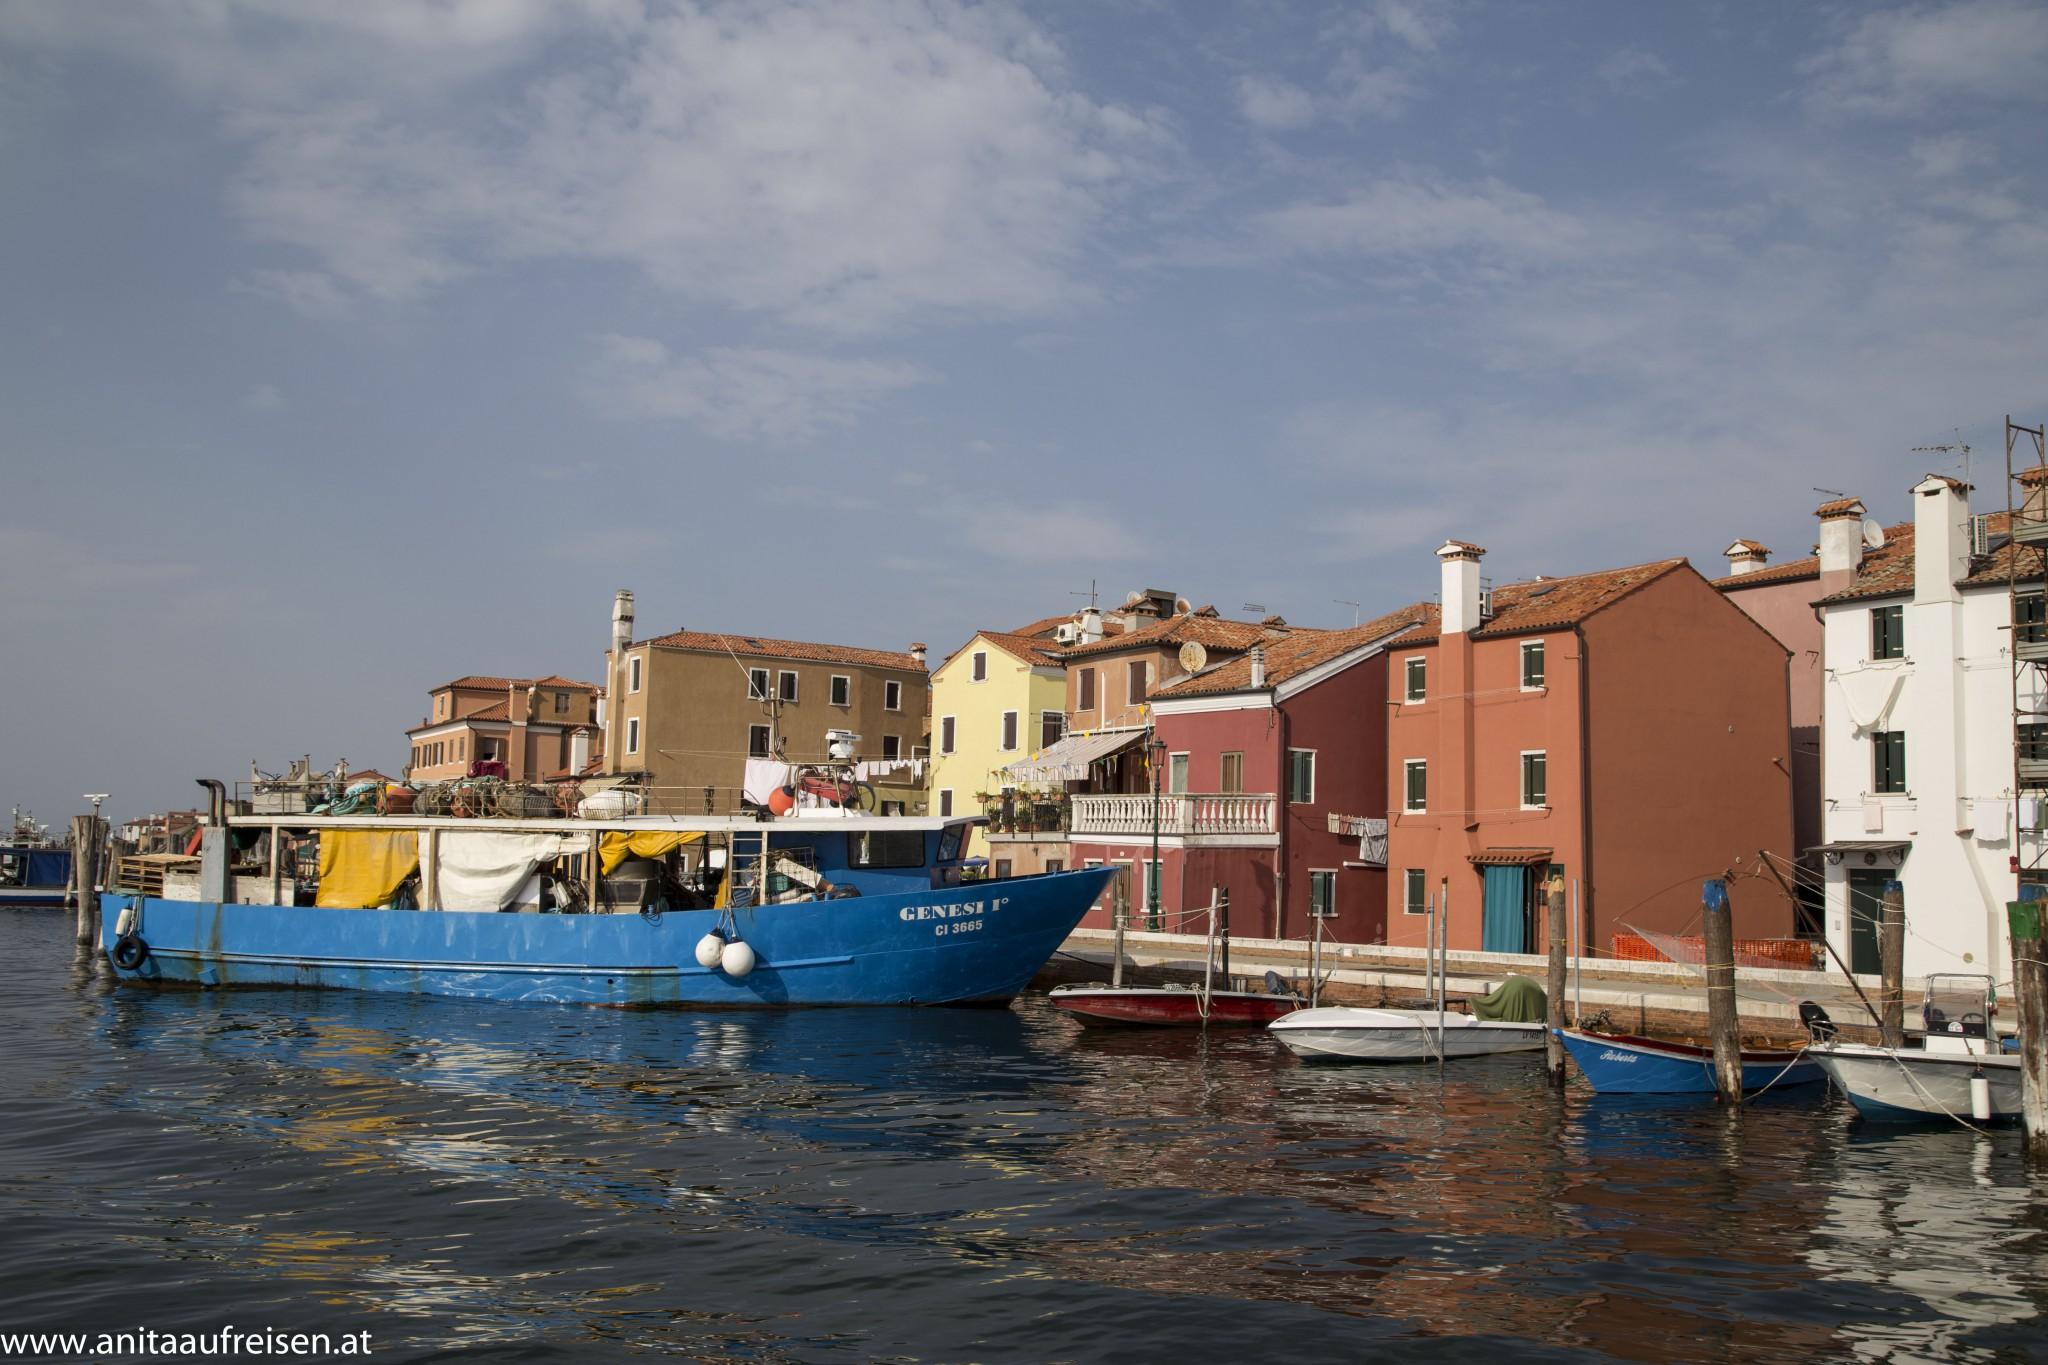 Pellestrina, Venedig, venezianische Lagune, www.anitaaufreisen.at